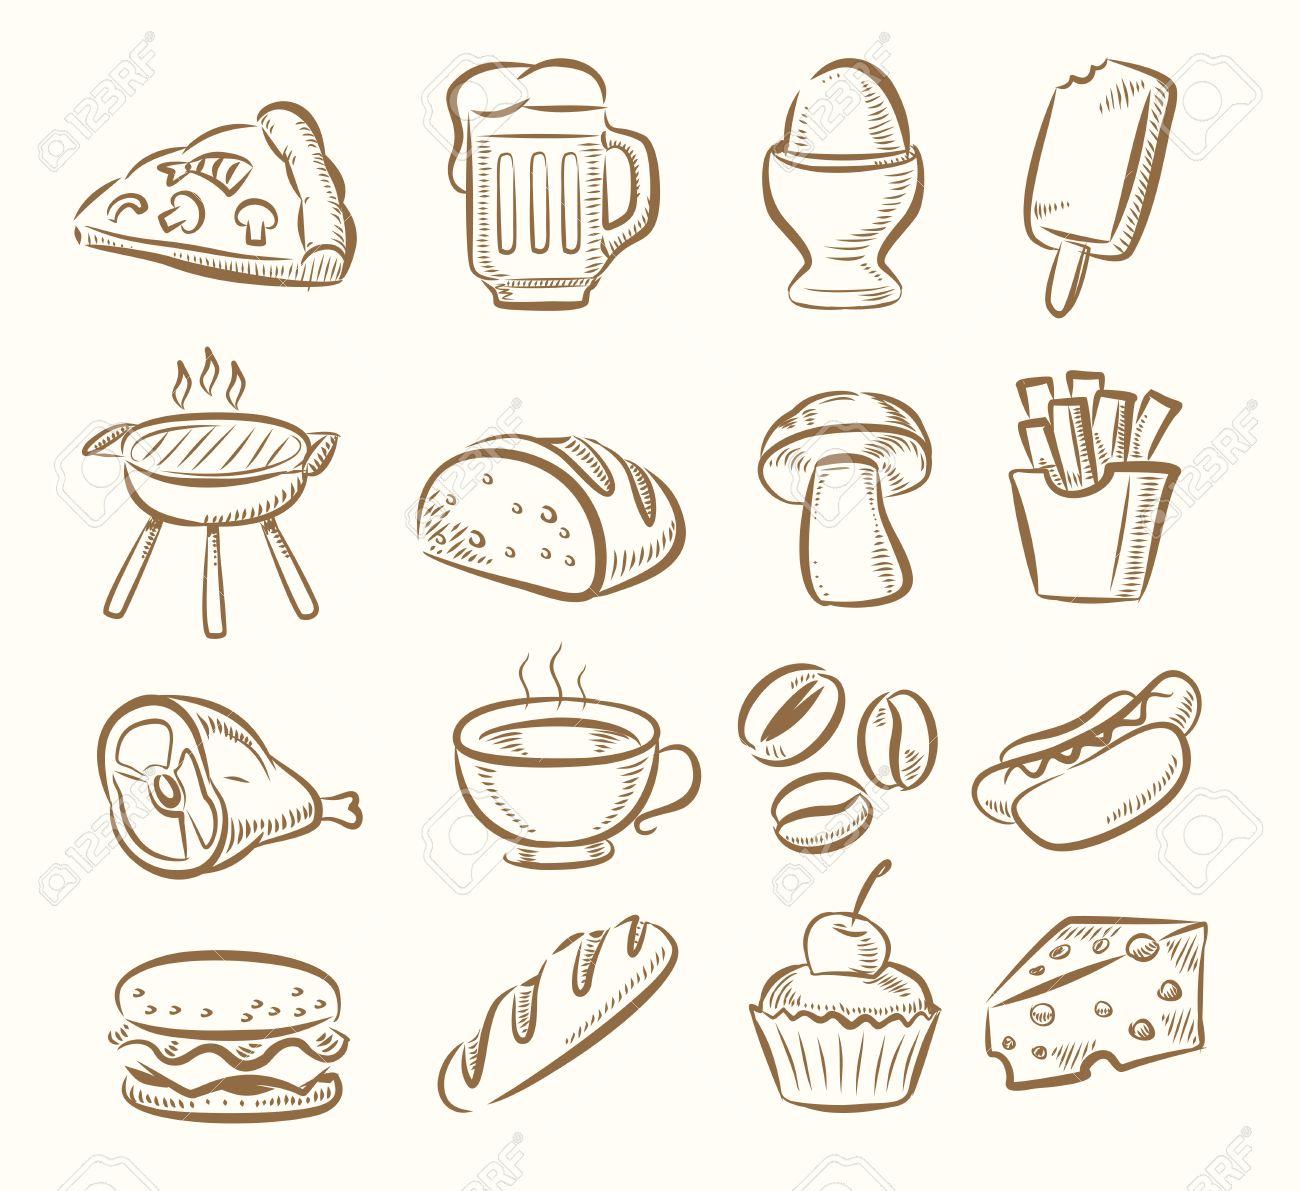 Vektor Hand Zeichnen Kuche Symbol Auf Beige Eingestellt Lizenzfrei